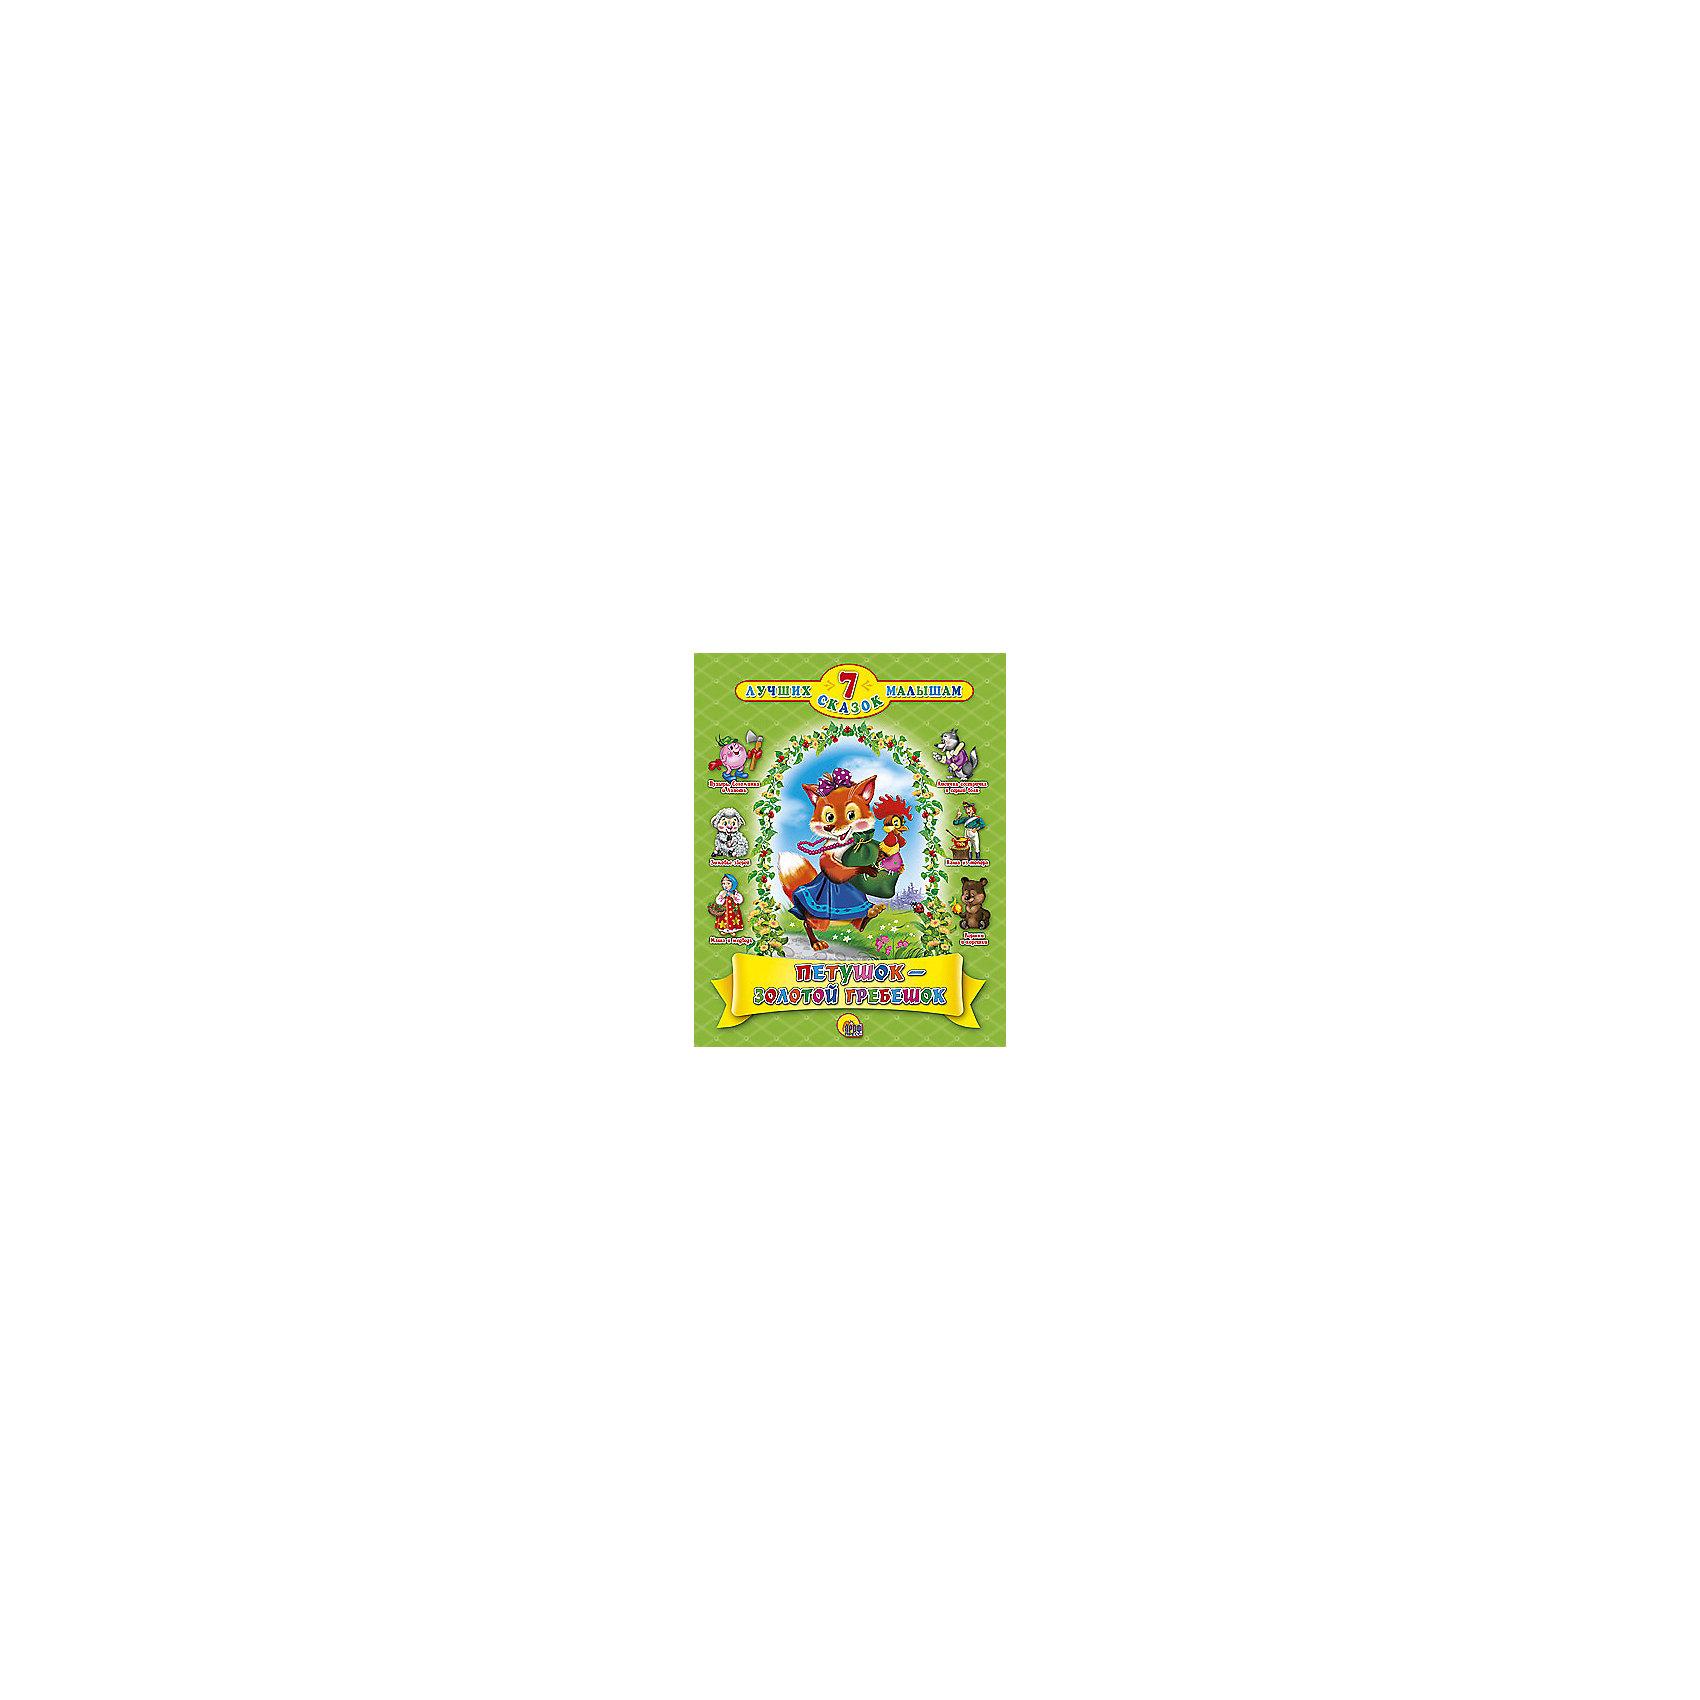 Петушок-золотой гребешок, 7 сказокРусские сказки<br>В книге Петушок-золотой гребешок вы найдете 7 всеми любимых сказок, с которыми приятно будет познакомить малыша. Яркие иллюстрации со зверюшками понравятся ребенку и вызовут интерес к чтению. Прекрасный выбор для чтения самым маленьким!<br>Содержание: Петушок-золотой гребешок, Маша и медведь, Вершки и корешки, Каша из топора, Зимовье зверей, Лисичка-сестричка и волк, Пузырь, соломинка и лапоть<br>Дополнительная информация:<br>Издательство: Проф-Пресс<br>Год выпуска: 2016<br>Серия: 7 лучших сказок малышам<br>Обложка: твердый переплет<br>Иллюстрации: цветные<br>Количество страниц: 80<br>ISBN:978-5-378-02645-6<br>Размер: 25,5х1х20 см<br>Вес: 310 грамм<br>Книгу Петушок-золотой гребешок можно купить в нашем интернет-магазине.<br><br>Ширина мм: 200<br>Глубина мм: 10<br>Высота мм: 255<br>Вес г: 310<br>Возраст от месяцев: 0<br>Возраст до месяцев: 36<br>Пол: Унисекс<br>Возраст: Детский<br>SKU: 4905878